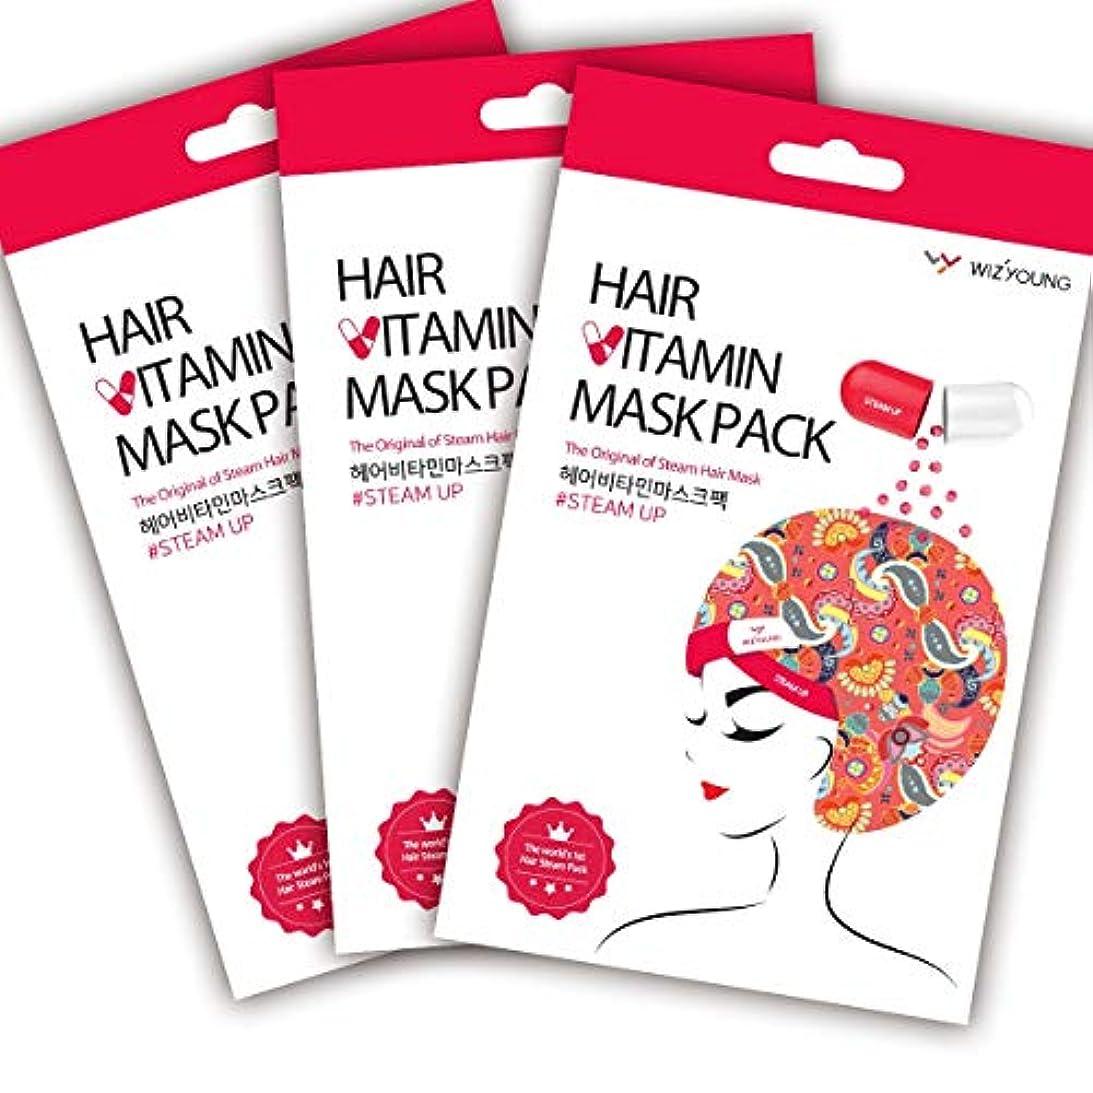 雪だるま月暴力的なヘアビタミンマスクパック スチームアップ 3パックセット HAIR VITAMIN MASK PACK STEAM UP